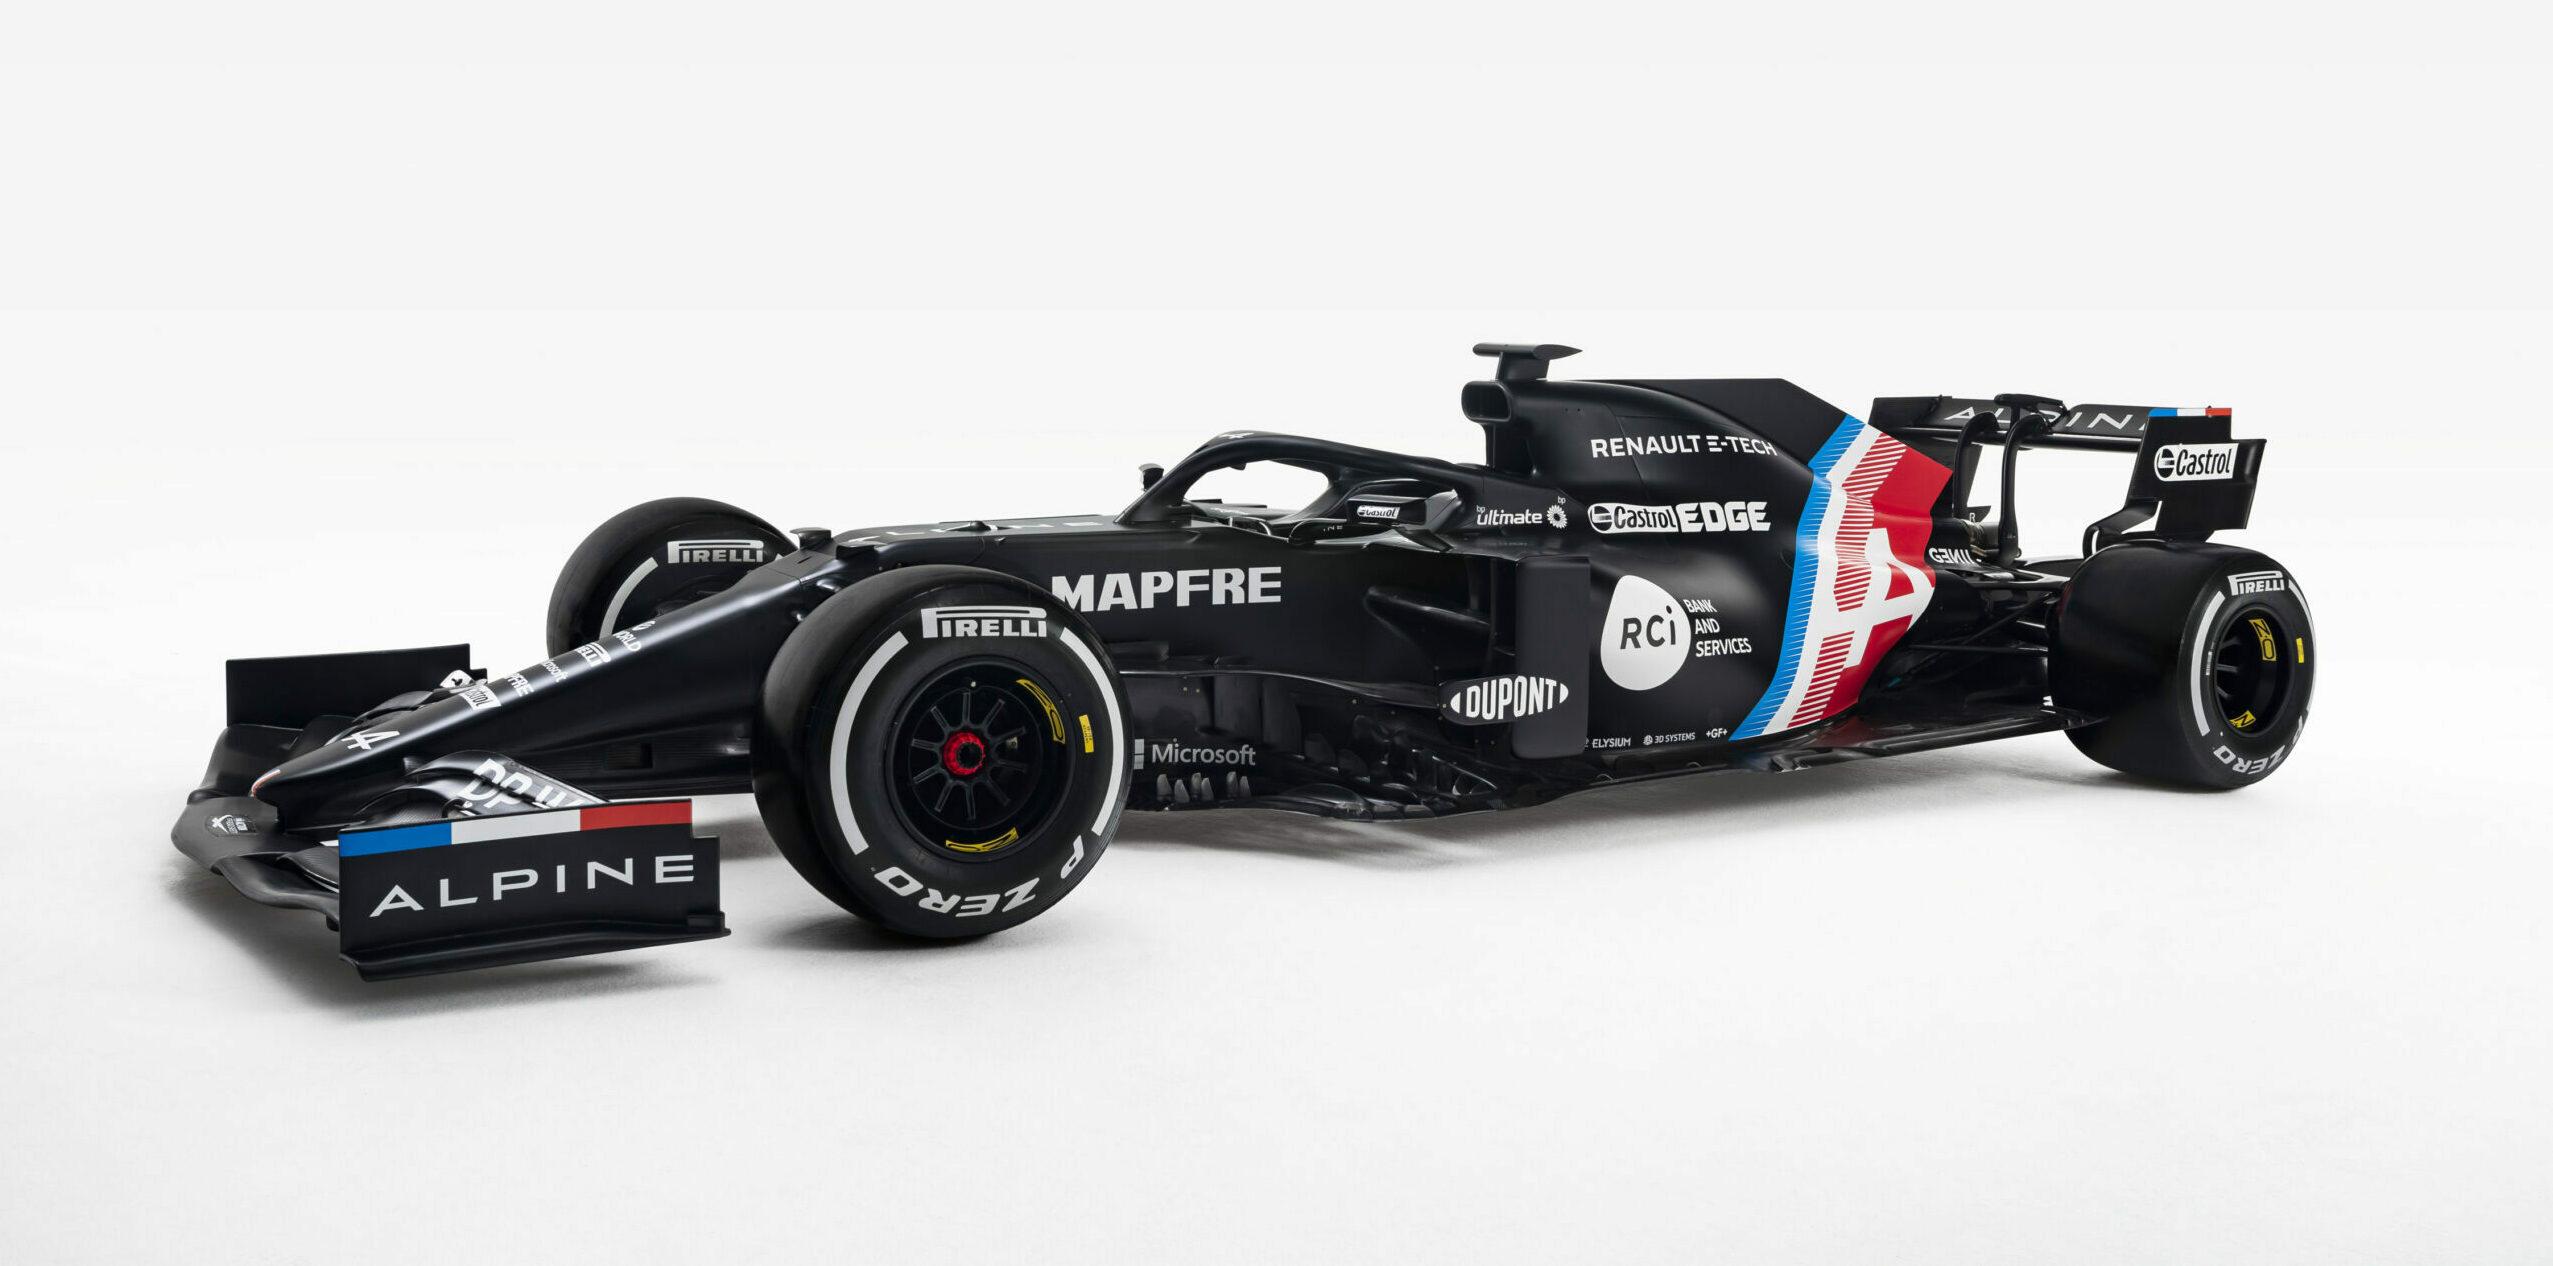 F1 - Alpine F1 renouvelle sa confiance à Mecachrome pour l'usinage de ses moteurs